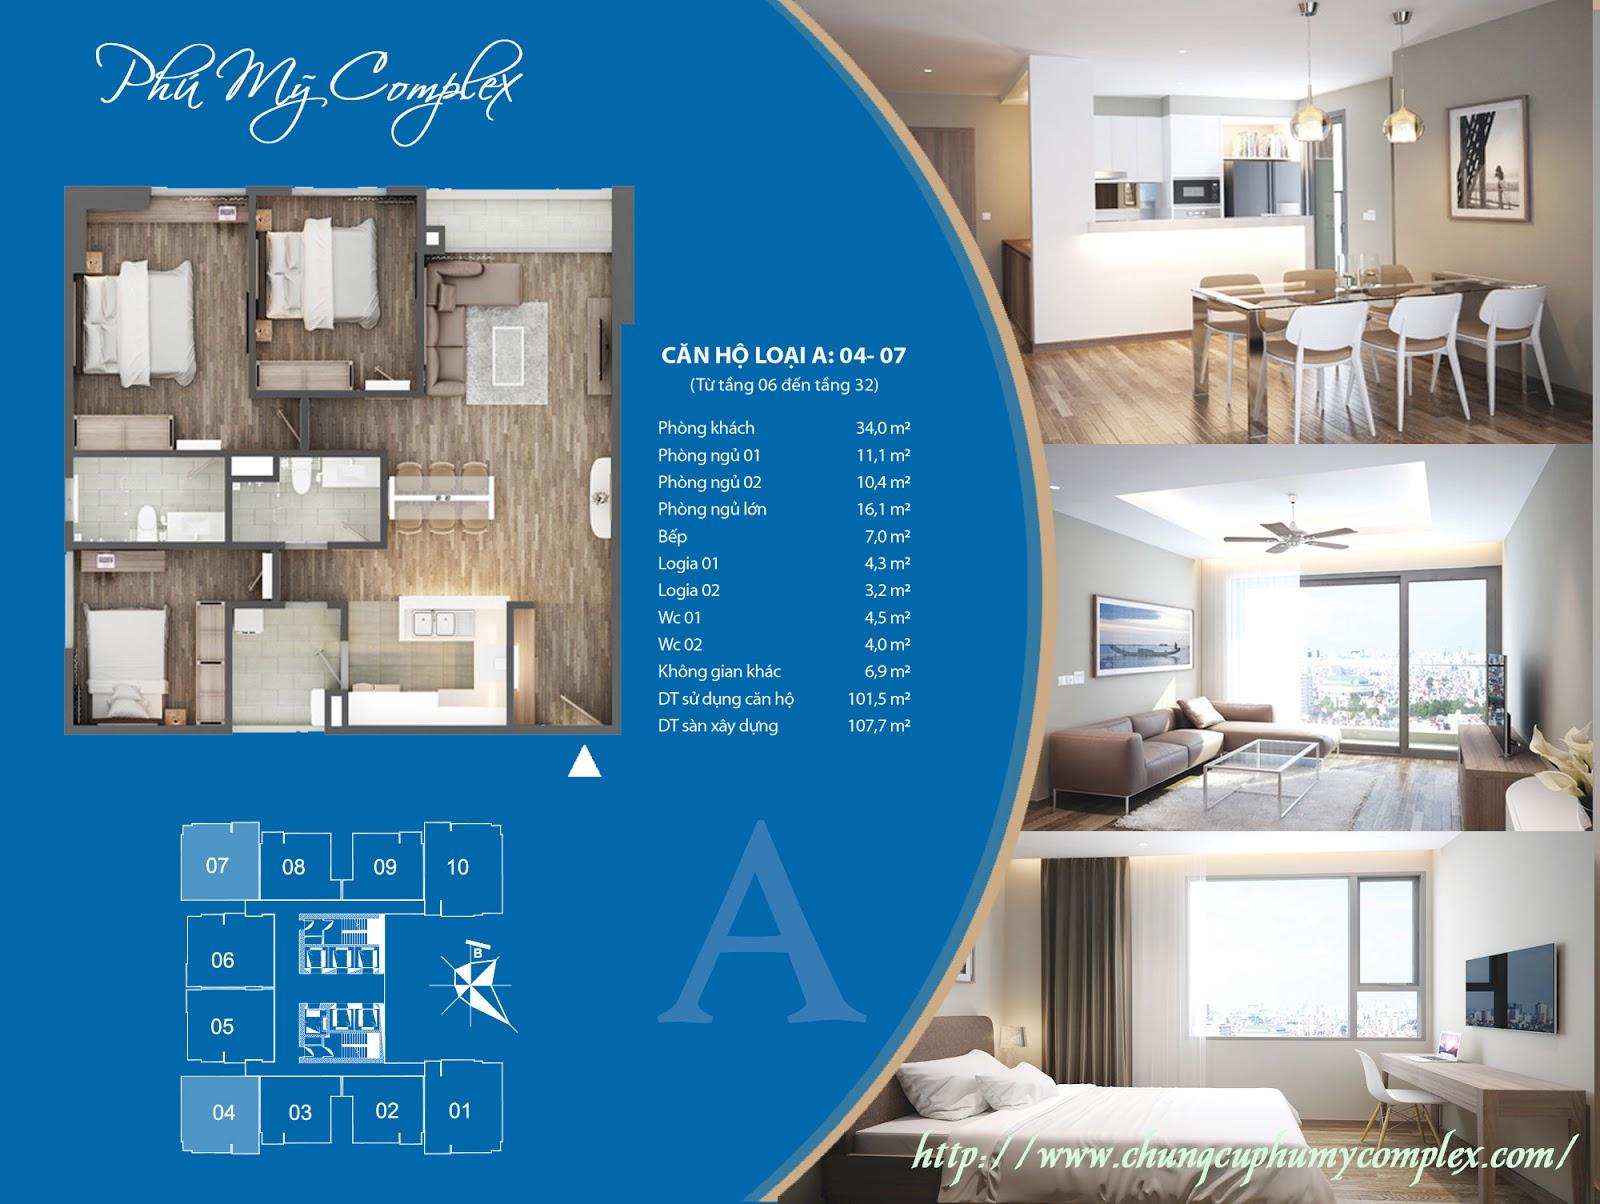 Đặt mua chung cư Phú Mỹ Complex với trực tiếp chủ đầu tư